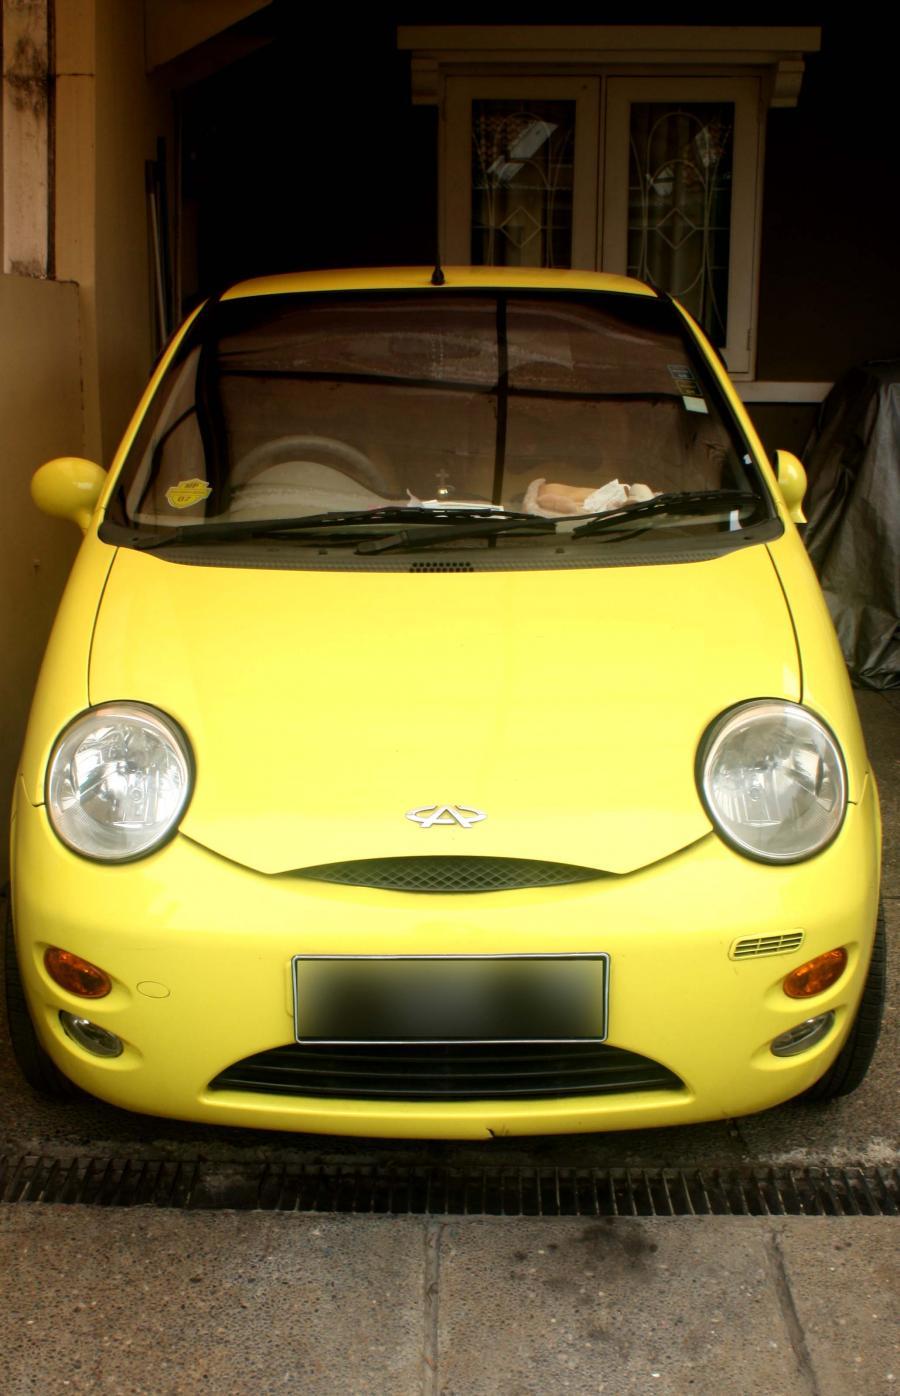 Jual Cepat Mobil Chery Qq Th 2008 Mobil Terawat Dan Mulus Mobilbekas Com